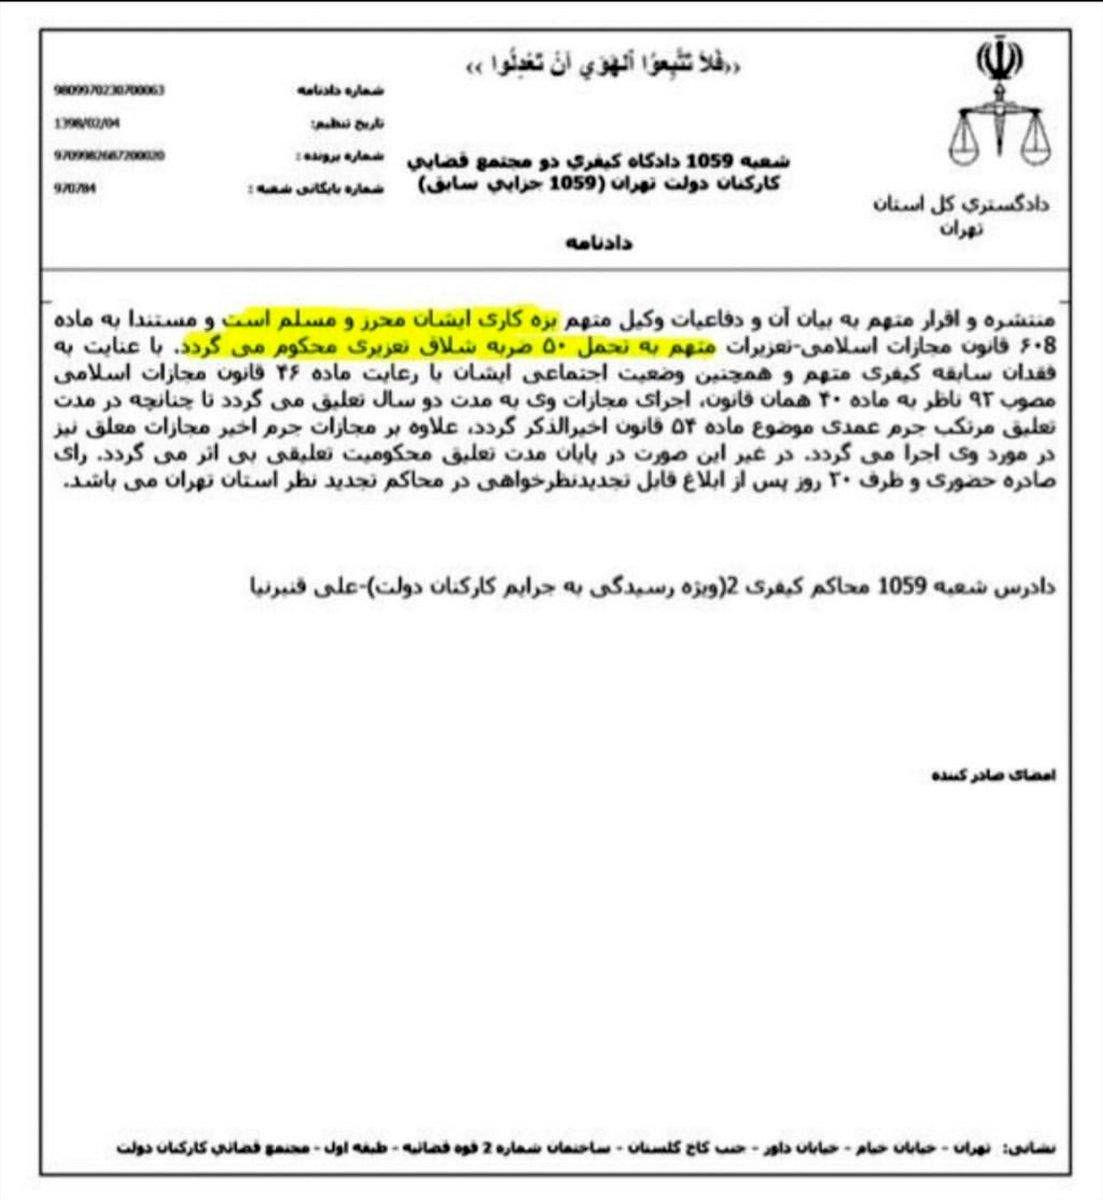 بهاره رهنما به تحمل ۵۰ ضربه شلاق محکوم شد